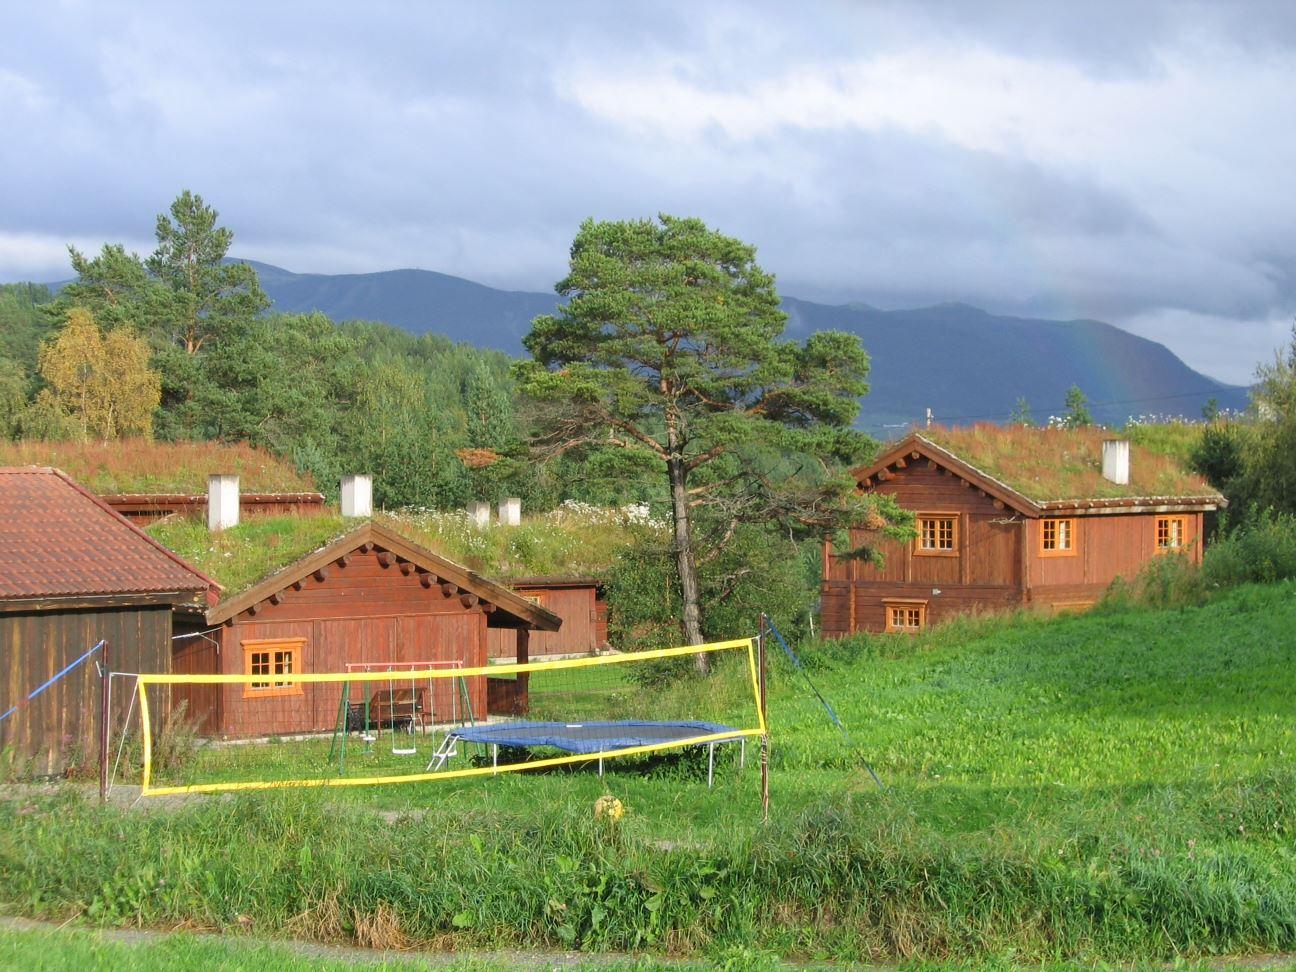 Søre Traasdahl hyttetun